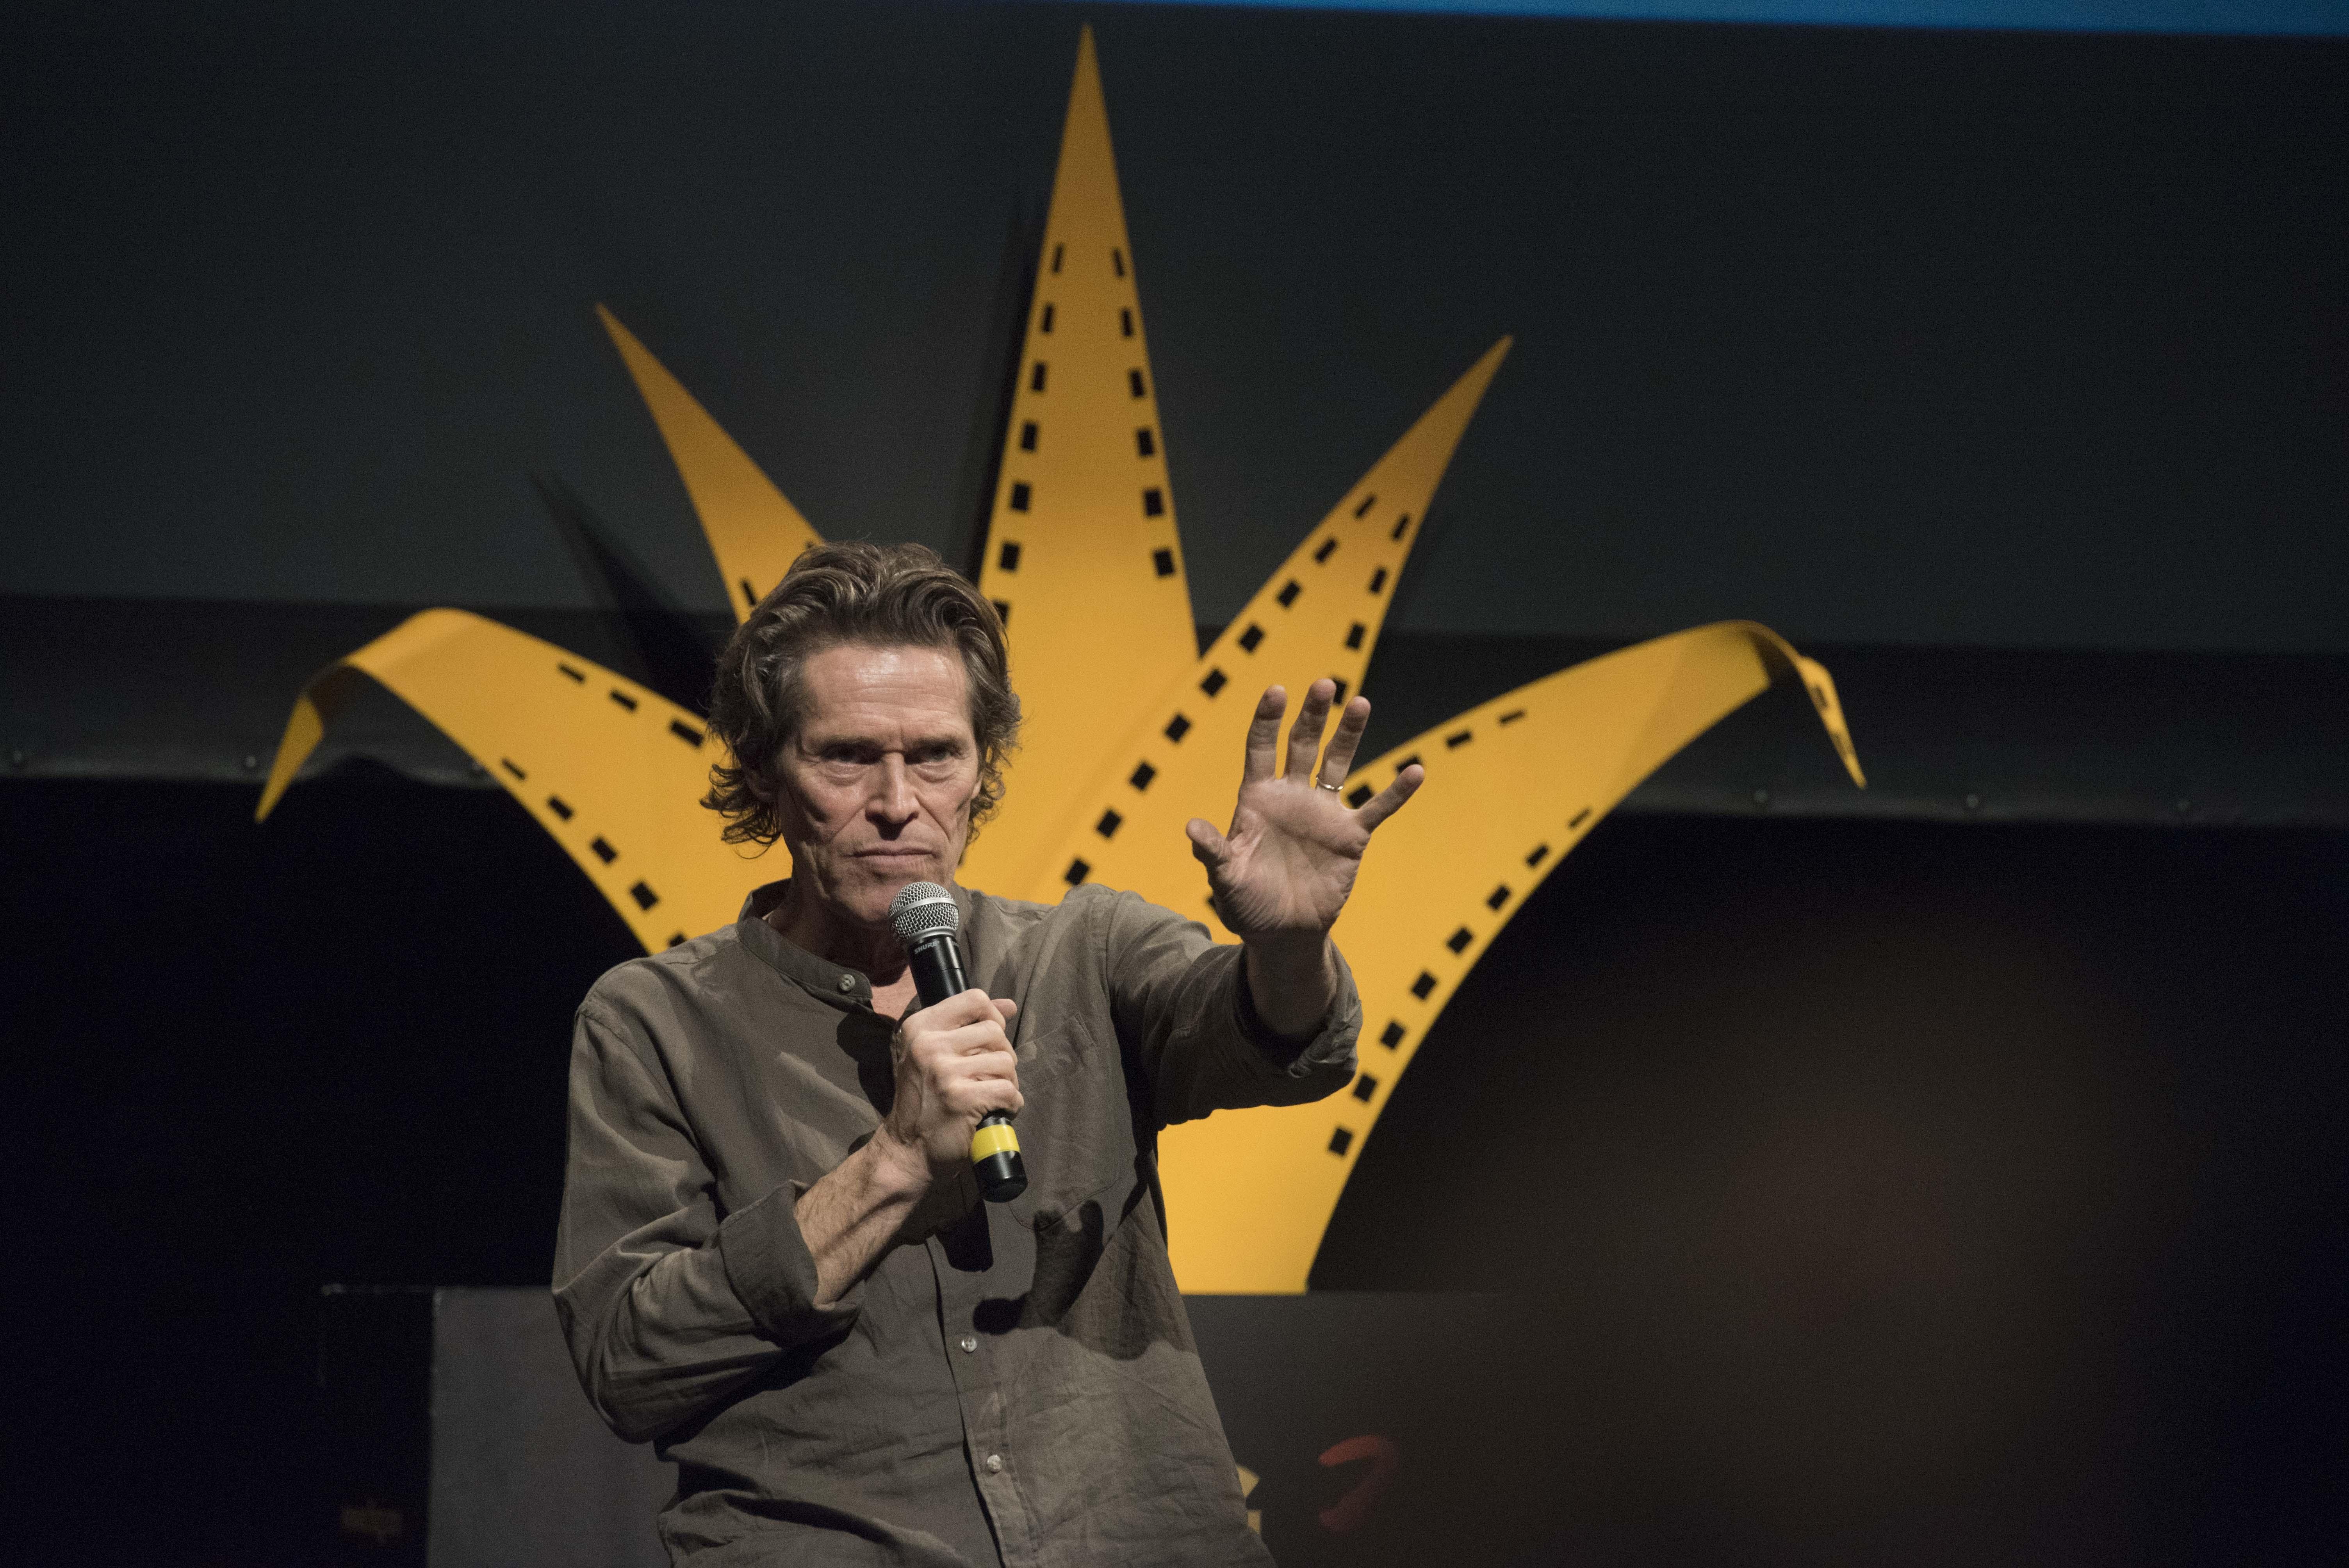 El actor estadounidense Willem Dafoe, con micrófono en mano, haciendo uso de la palabra.